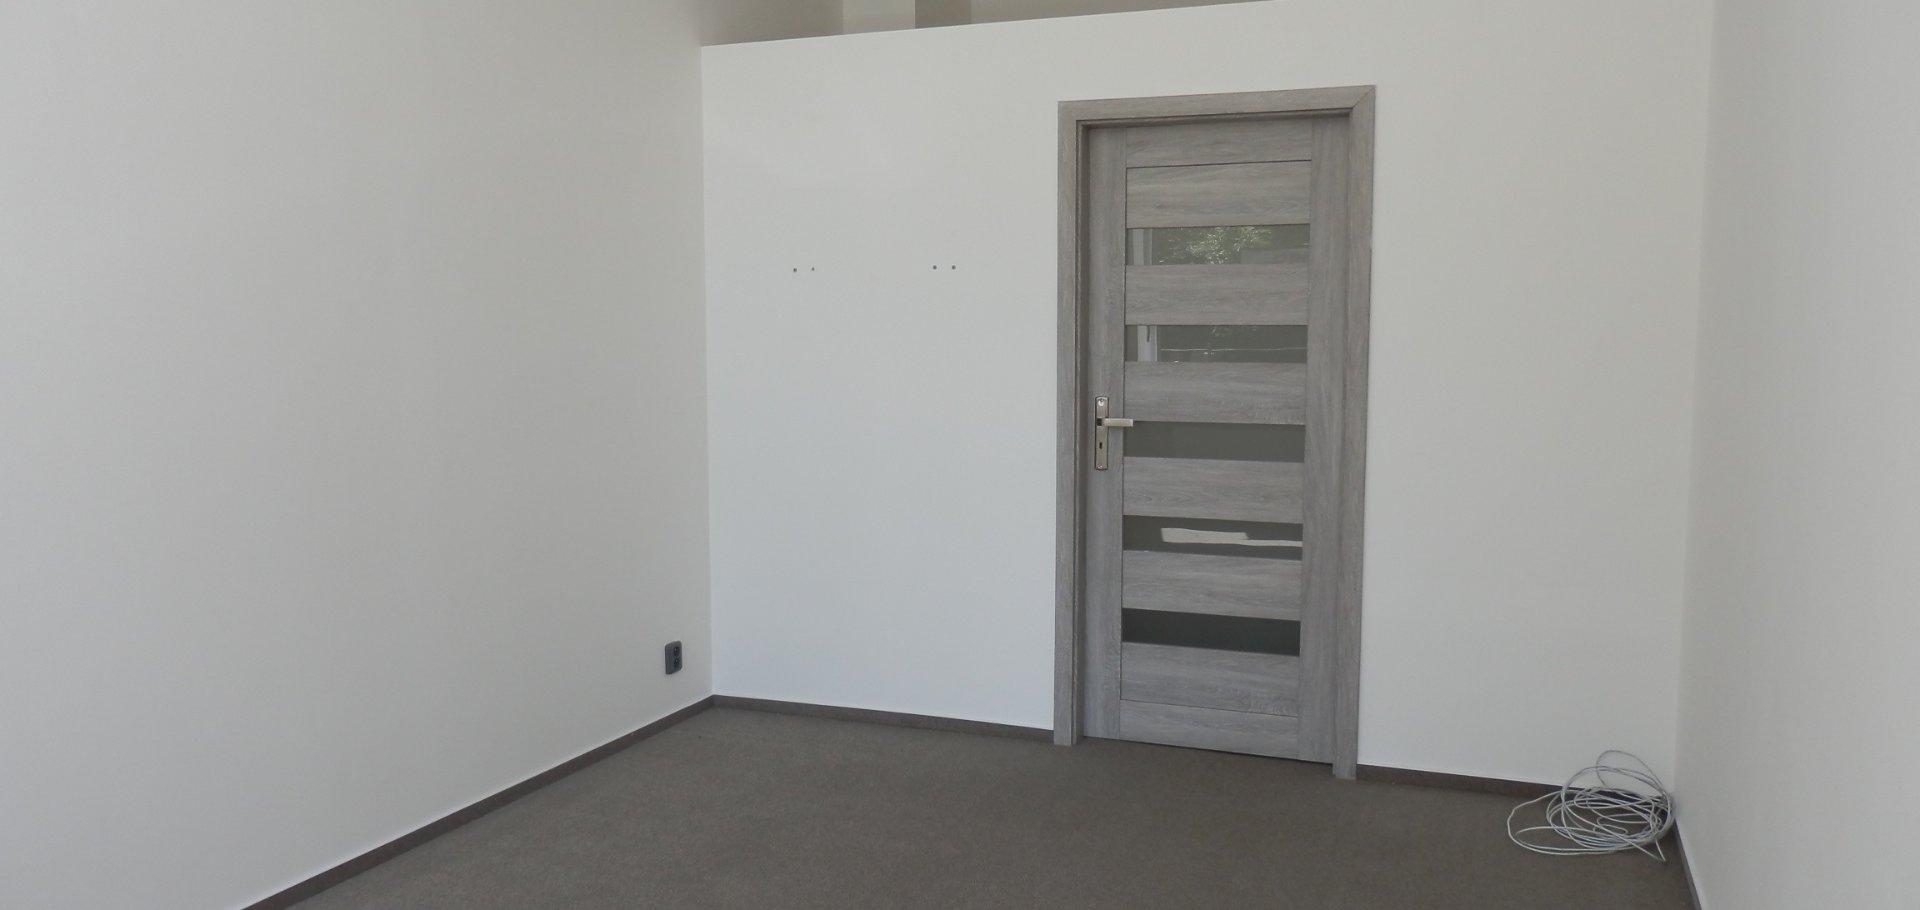 Pronájem komerčního prostoru (50 m2), ul. Tajovského, Havířov – Podlesí